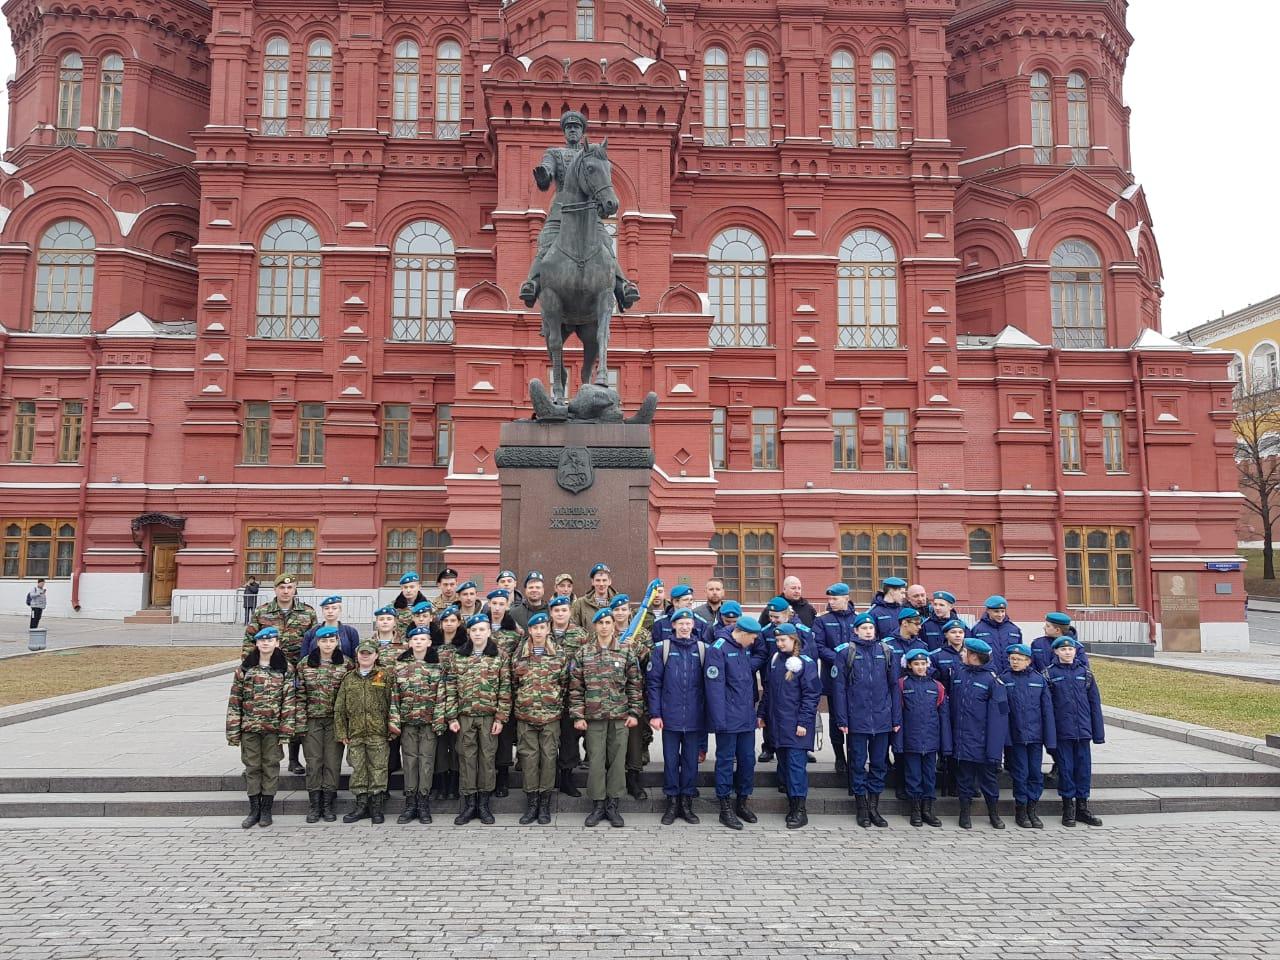 Воспитанники ВПО «СОВА» Почтили память стремительной наступательной операции, десантными соединениями Советской Армии 13 апреля 1945 года